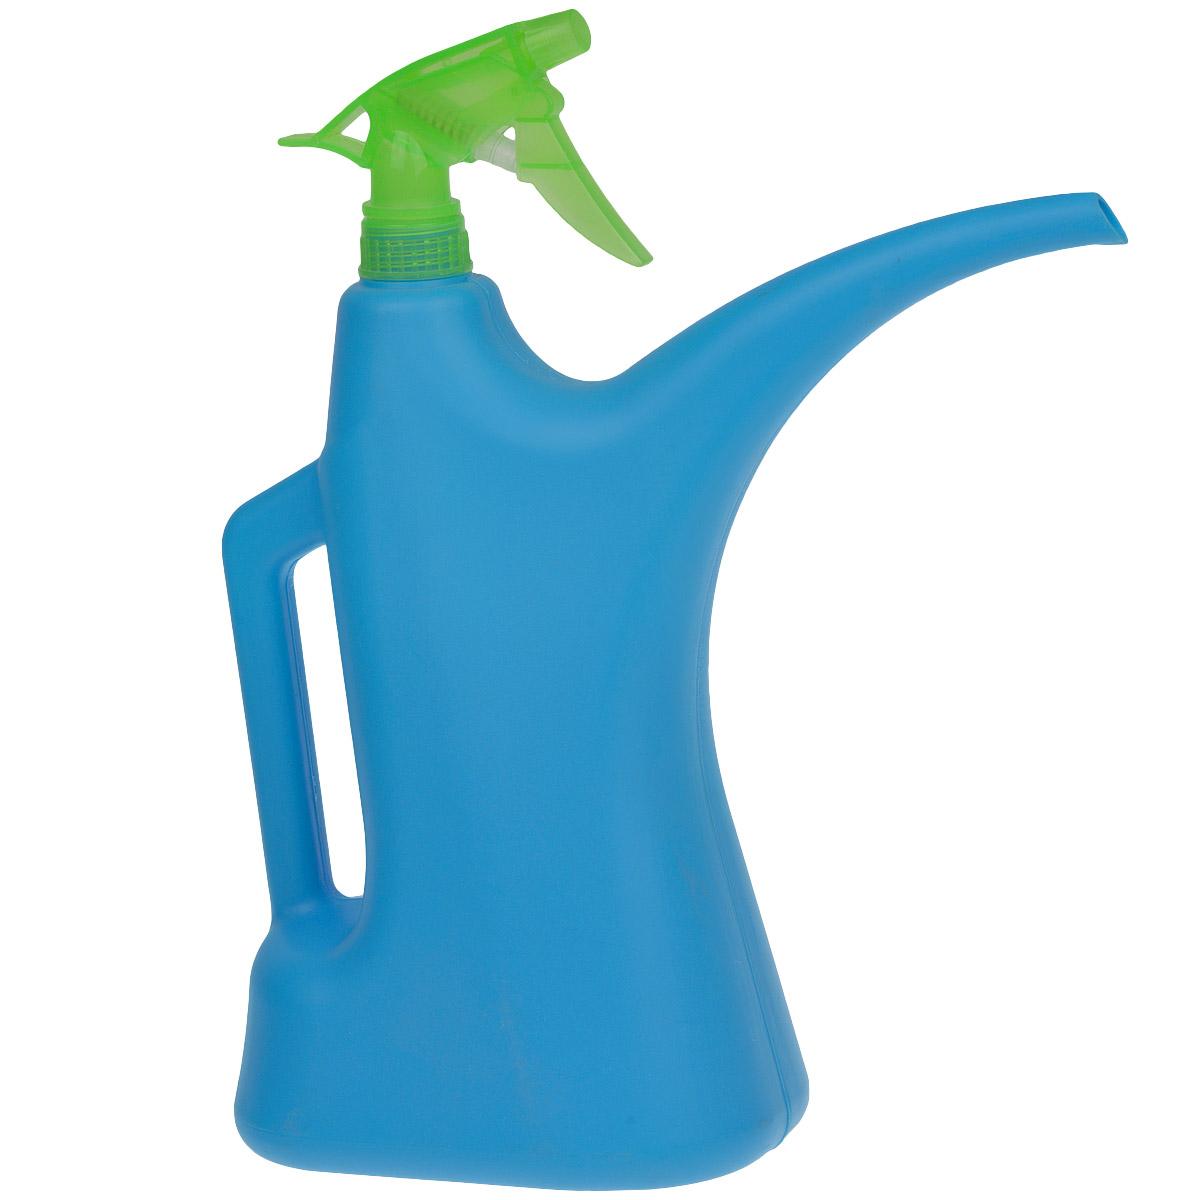 Лейка-распылитель Альтернатива, цвет: синий, зеленый, 2 л011H1800Лейка-распылитель Альтернатива предназначена для полива насаждений на приусадебном участке или комнатных растений дома. Она выполнена из пластика и имеет небольшую массу, что позволяет экономить силы при поливе. Удобство в использовании также обеспечивается за счет эргономичной ручки лейки.